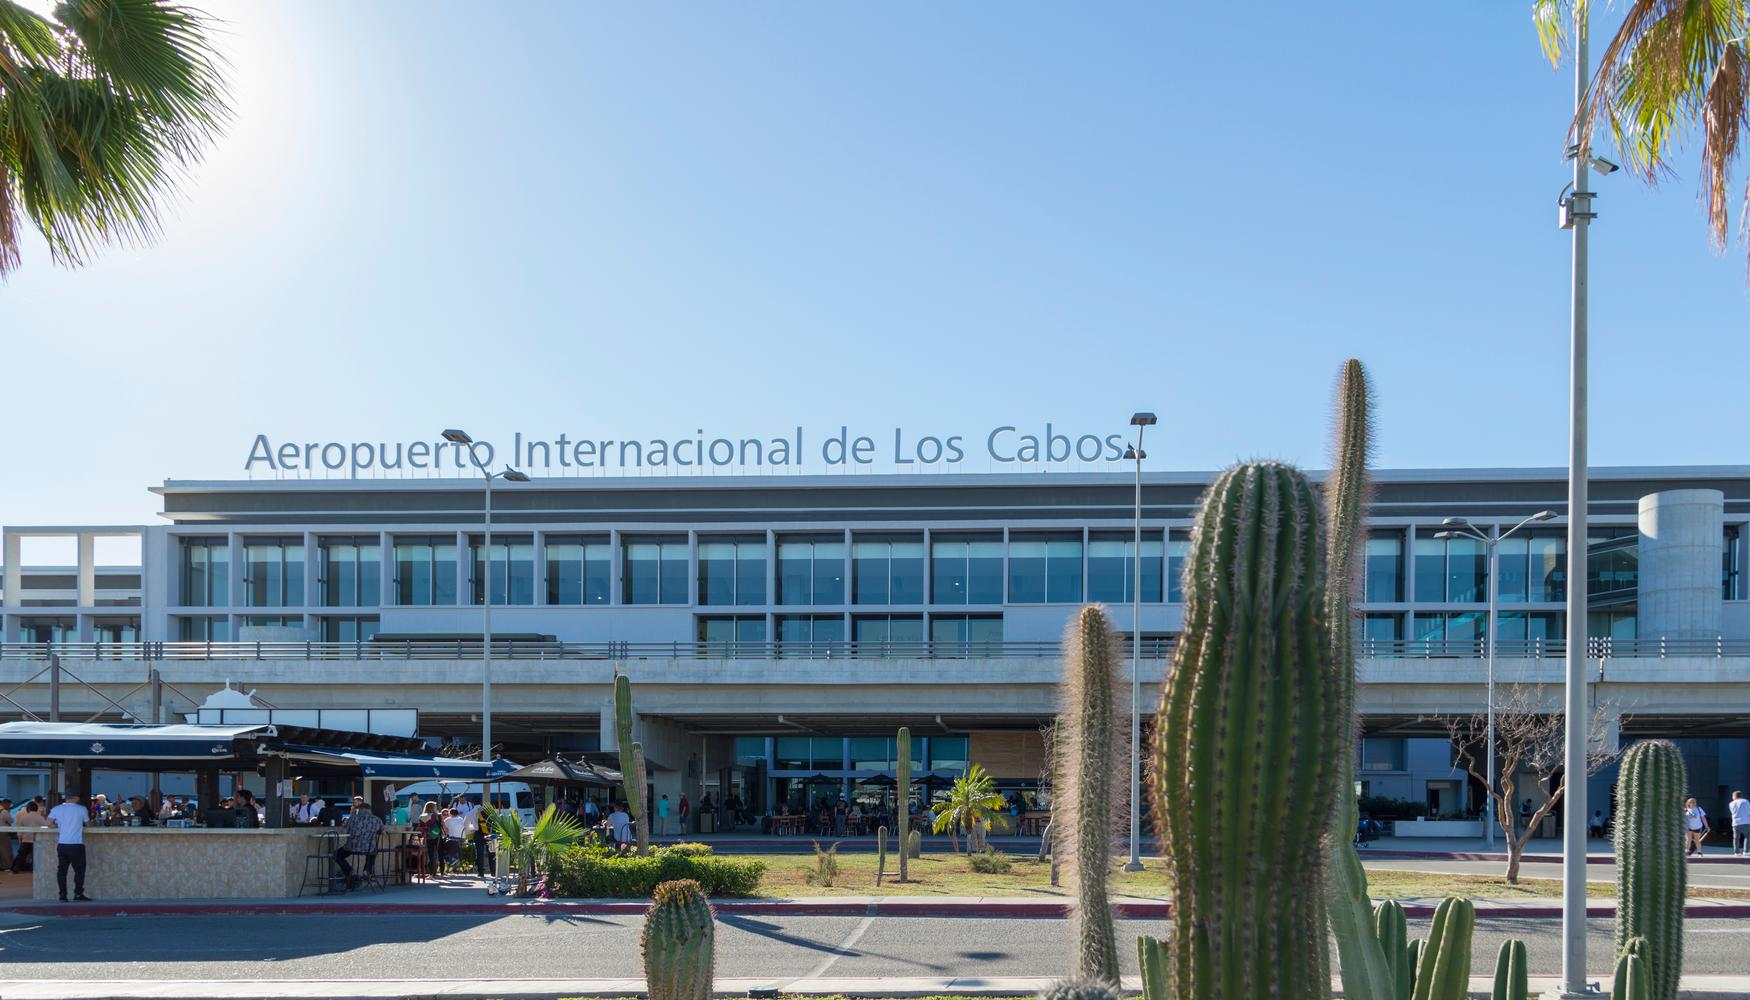 卡波圣卢卡 Los Cabos国际机场的租车